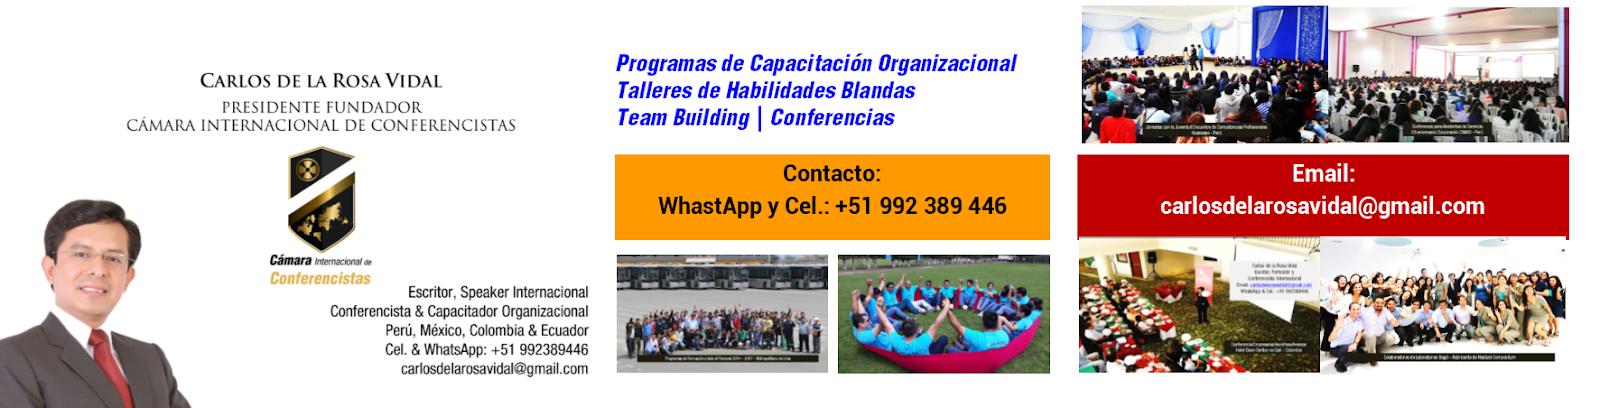 Conferencista Motivacional | Carlos de la Rosa Vidal